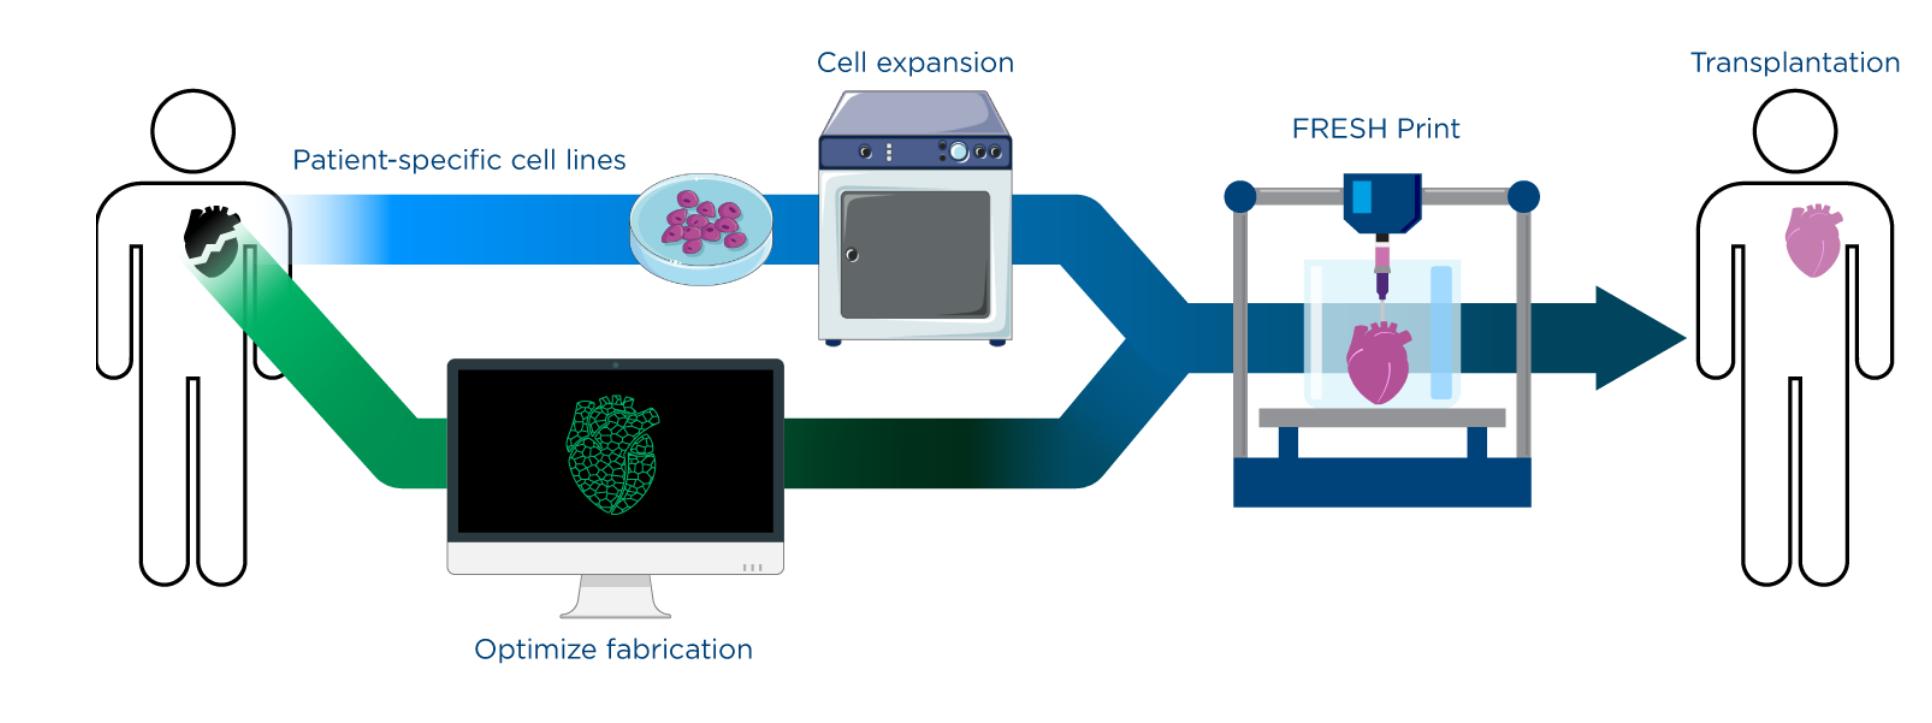 You are currently viewing Ethicon de J&J et FluidForm vont collaborer à la création de tissus humains avec la bioprinture FRESH.